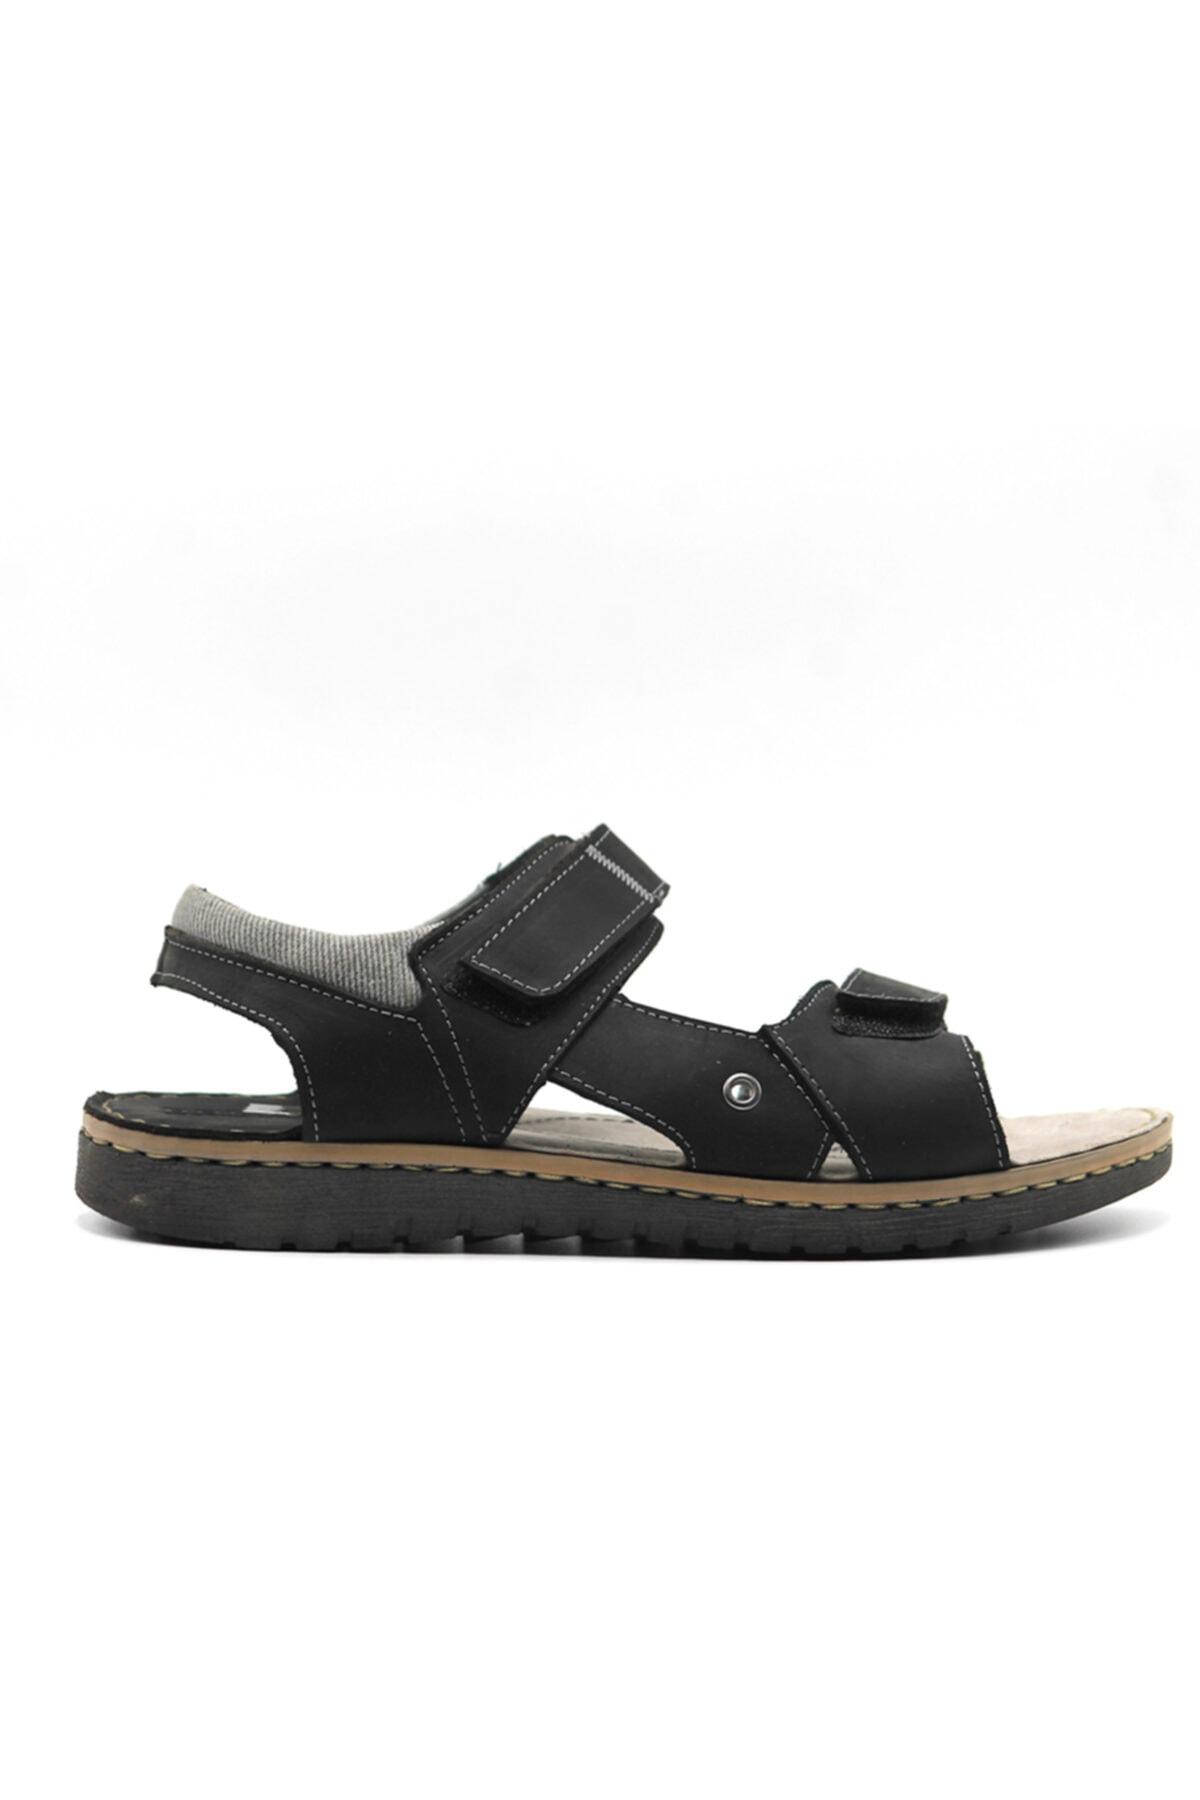 Dockers 218680 Erkek Günlük Hakiki Deri Sandalet 1